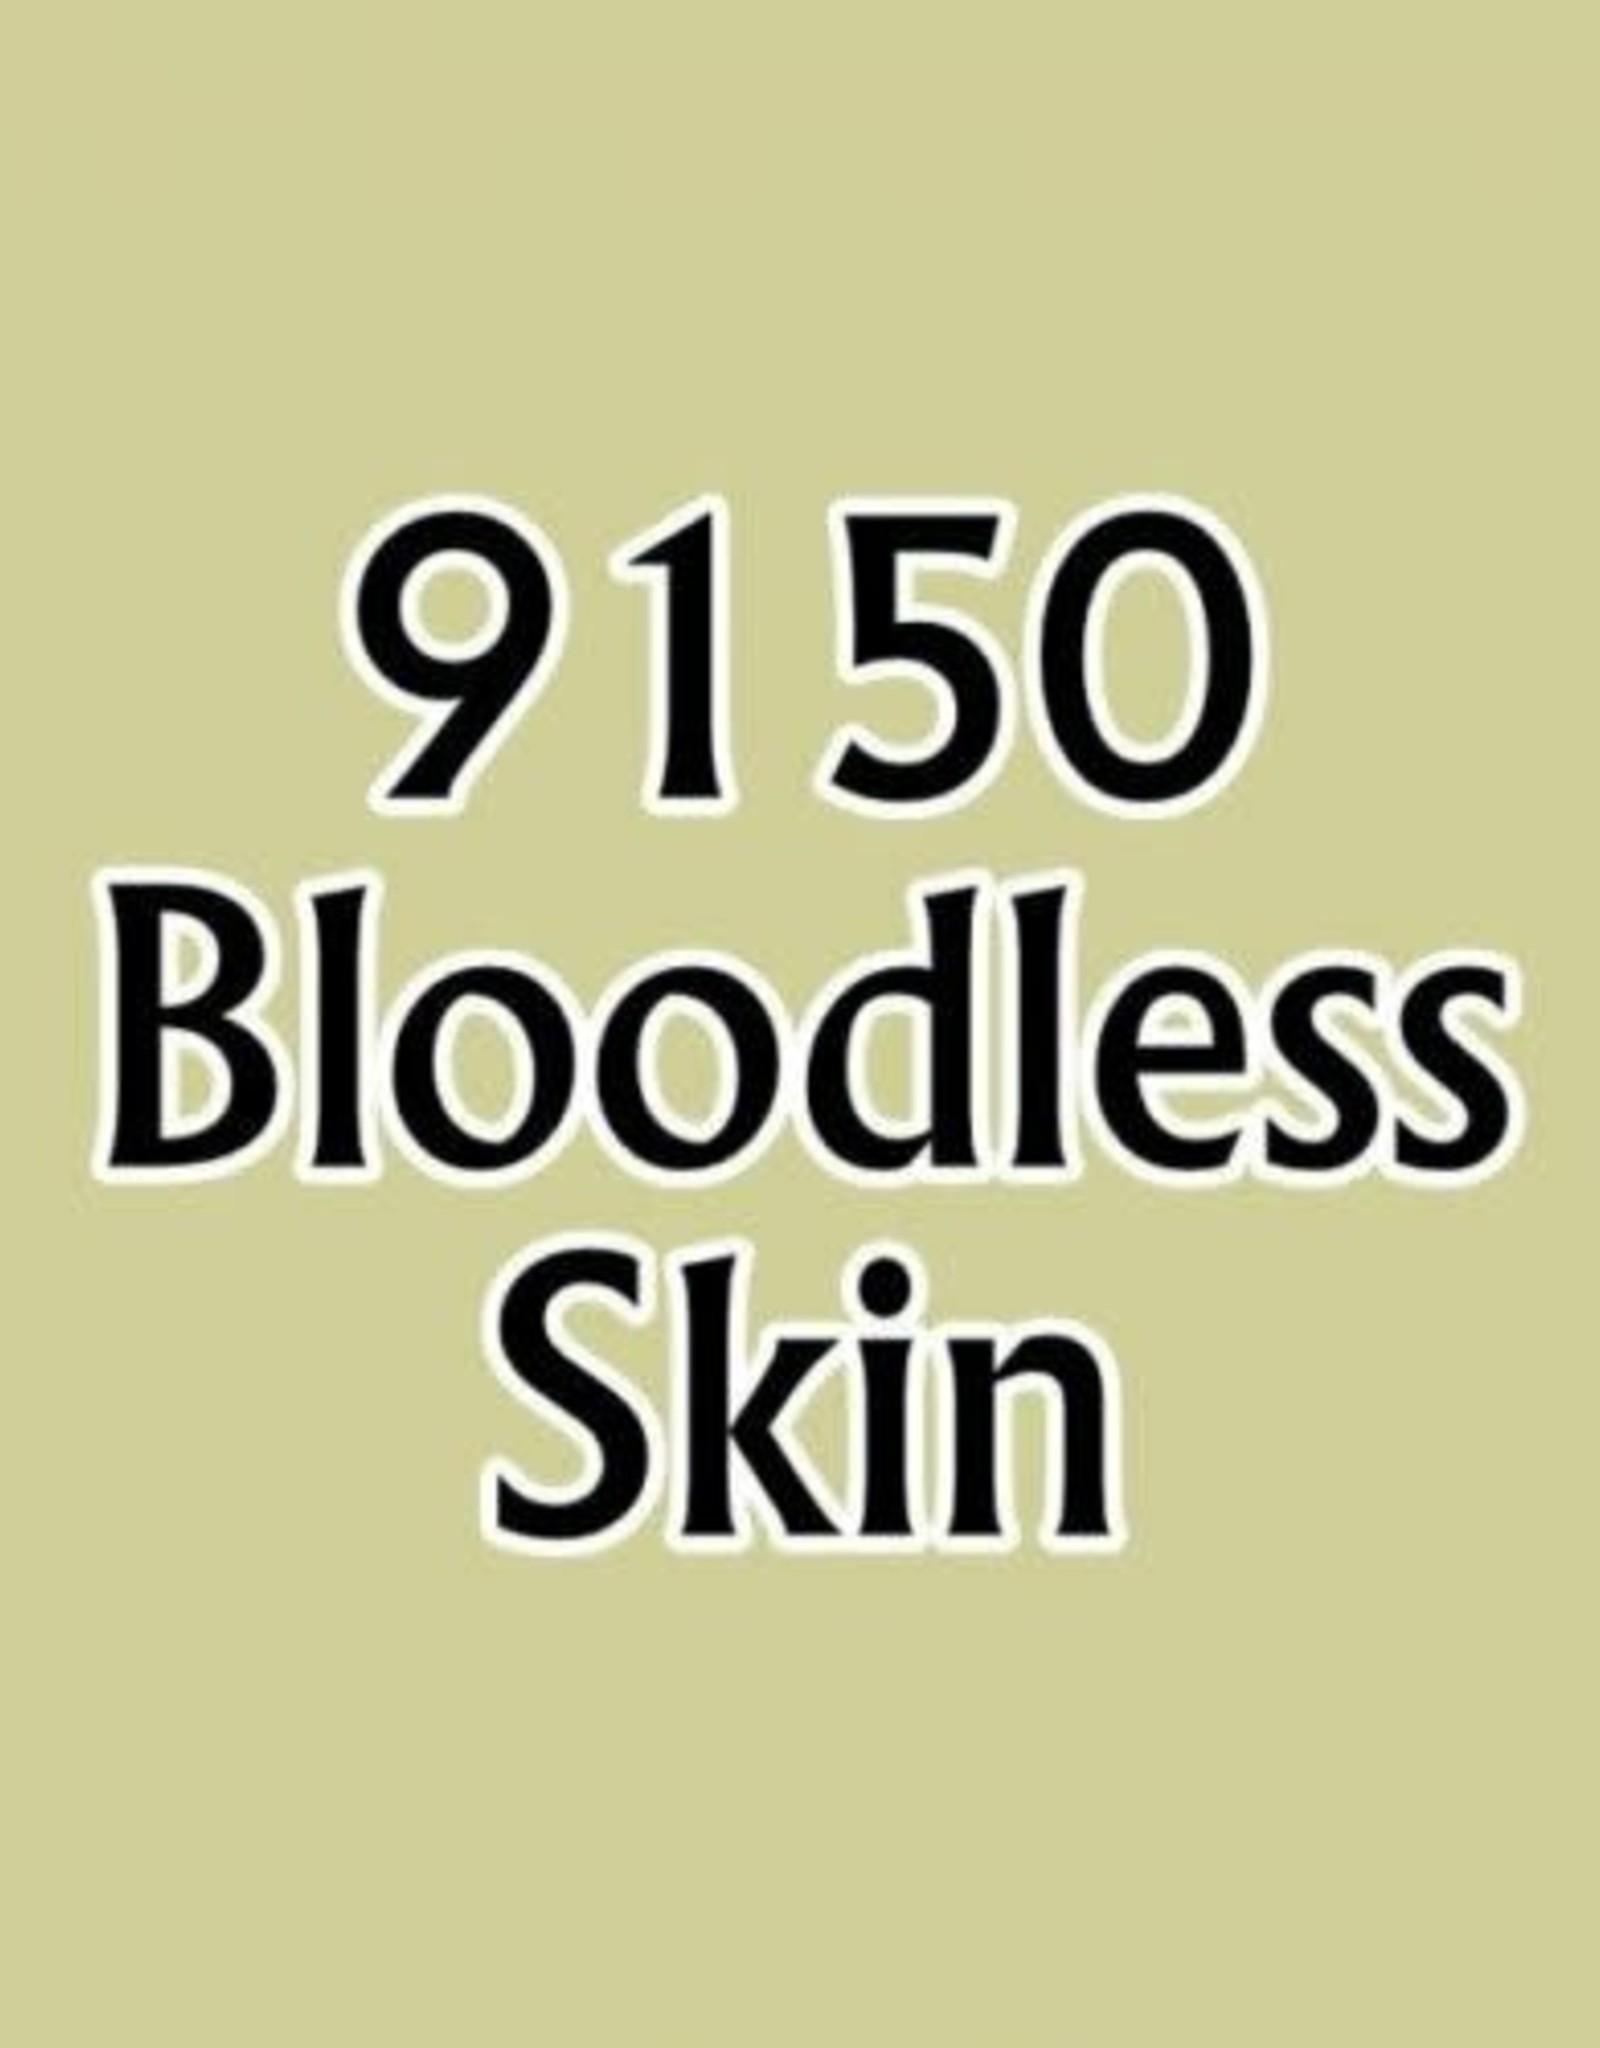 Reaper Bloodless Skin